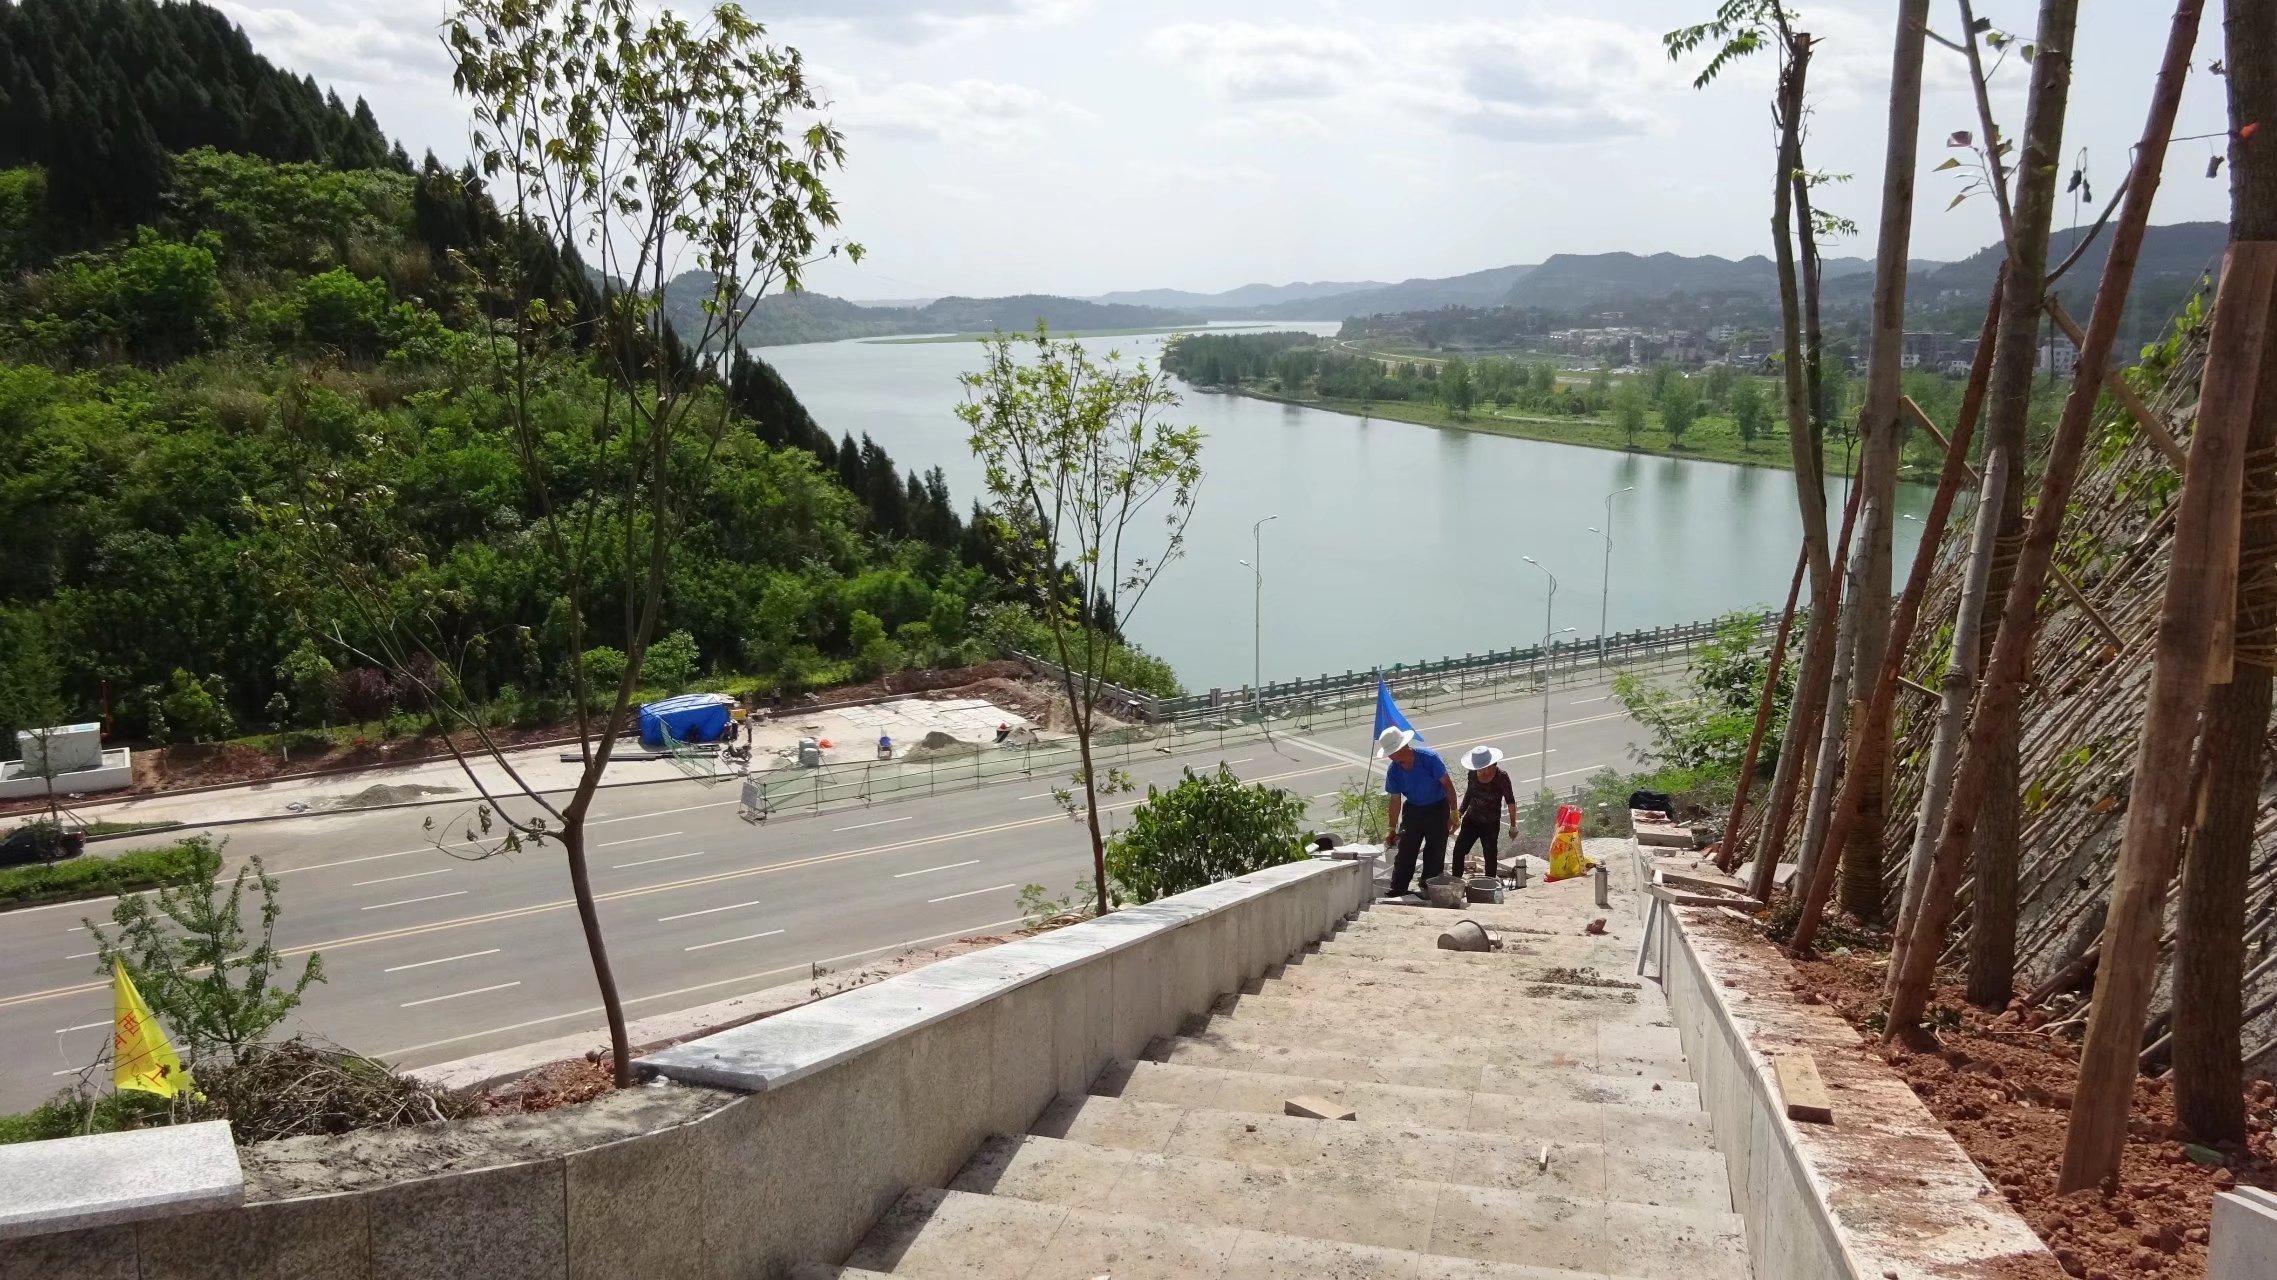 蓬安桑梓火锅公园施工进度(2018-05-10) - 第8张  | 蓬安在线